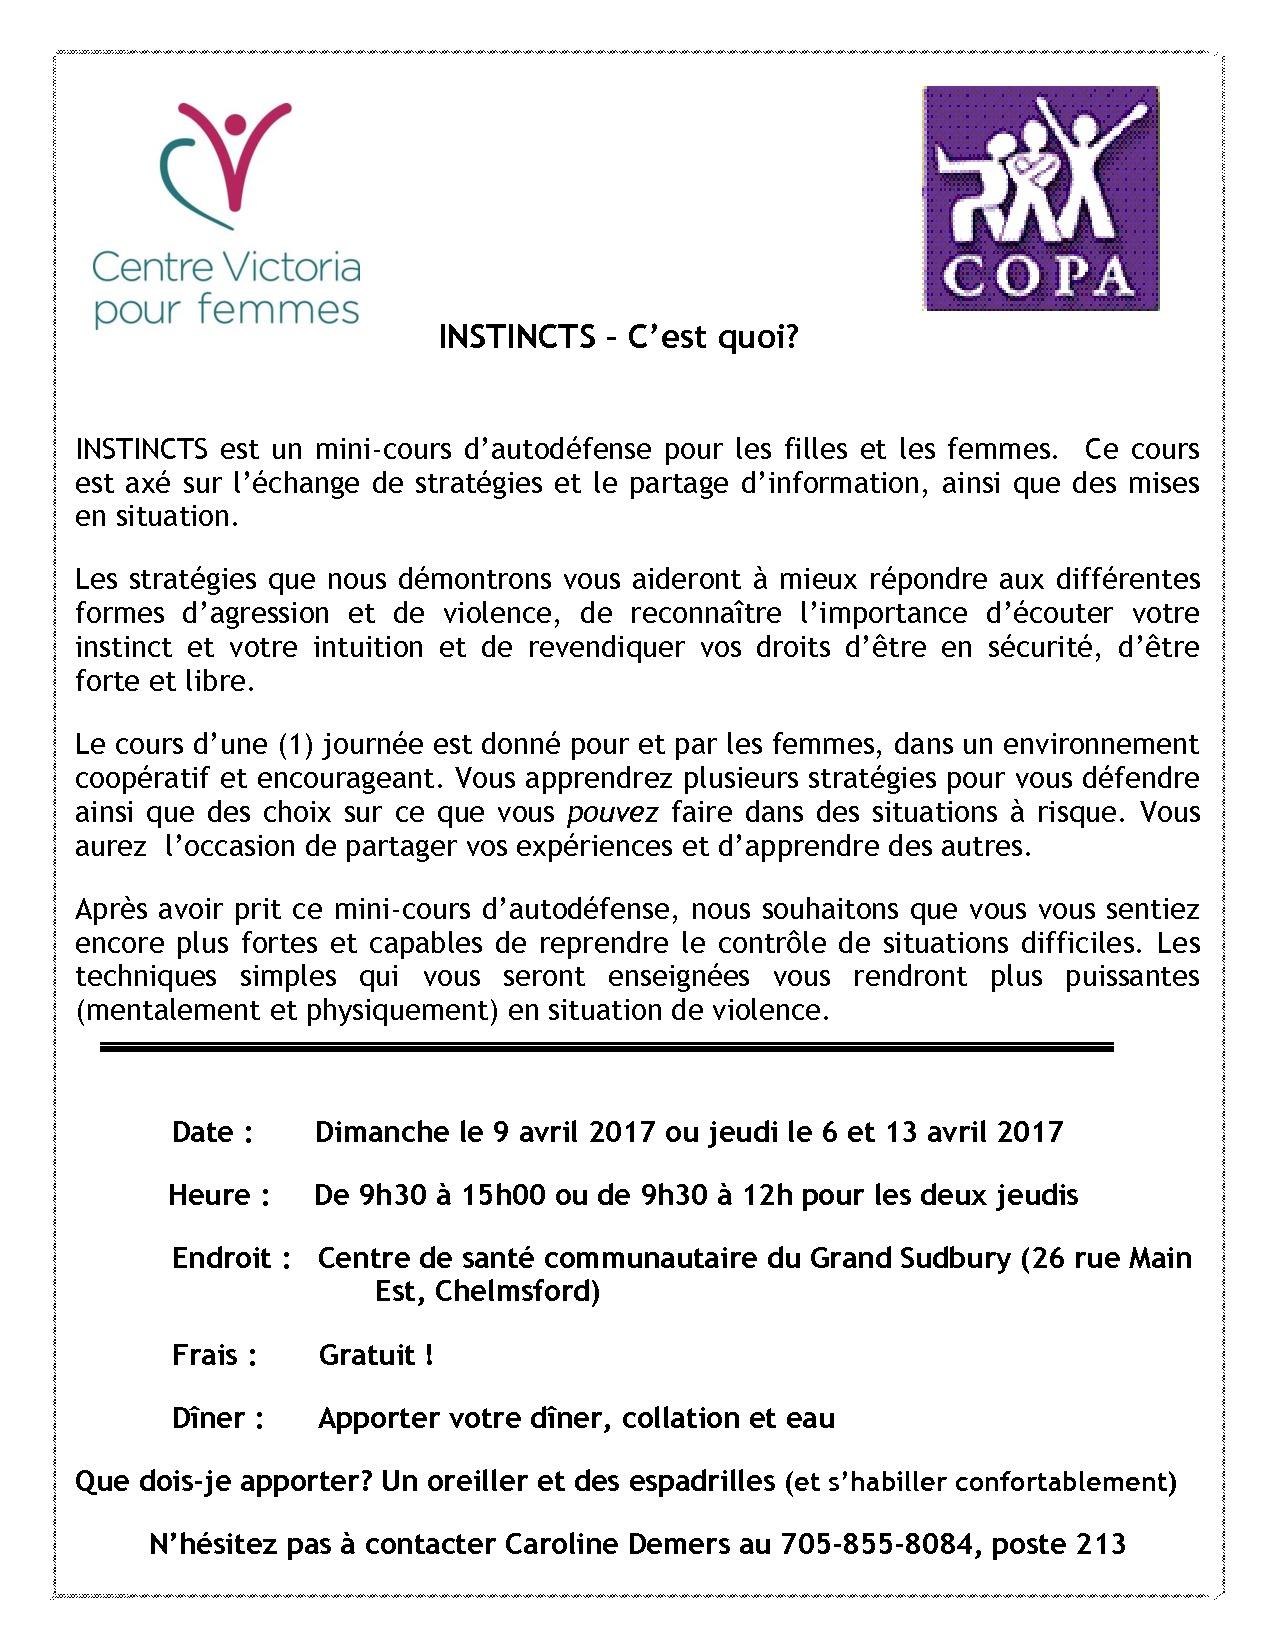 thumbnail of Invitation-AUTODÉFENSECentre-de-santé-Chelmsford-9-avril-2017.pdf